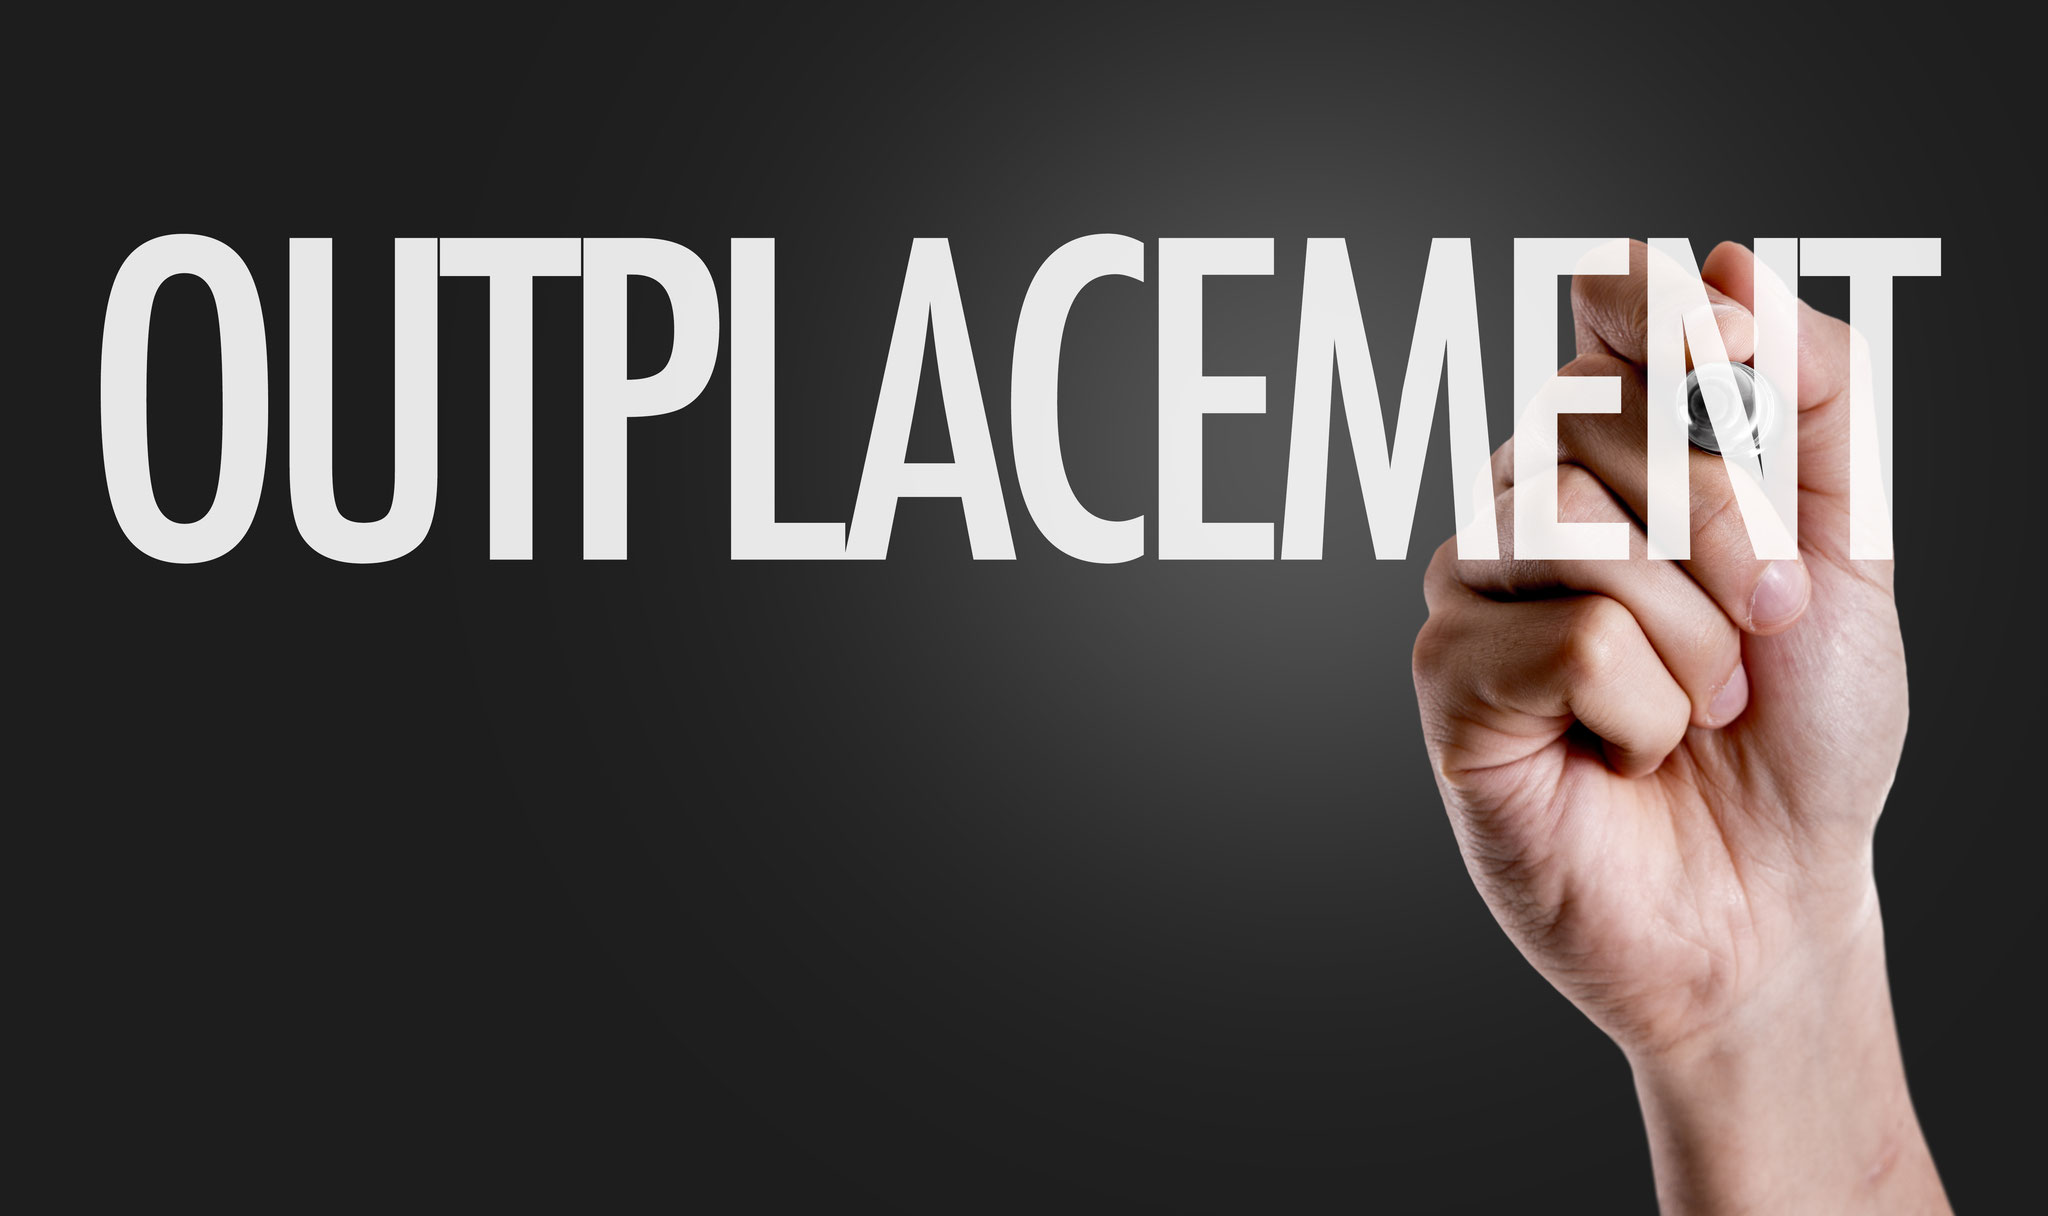 Einzeloutplacement ▪ Gruppenoutplacement - Jede Outplacement-Beratung umfasst eine Begleitung bei allen Stufen des Bewerbungsprozesses